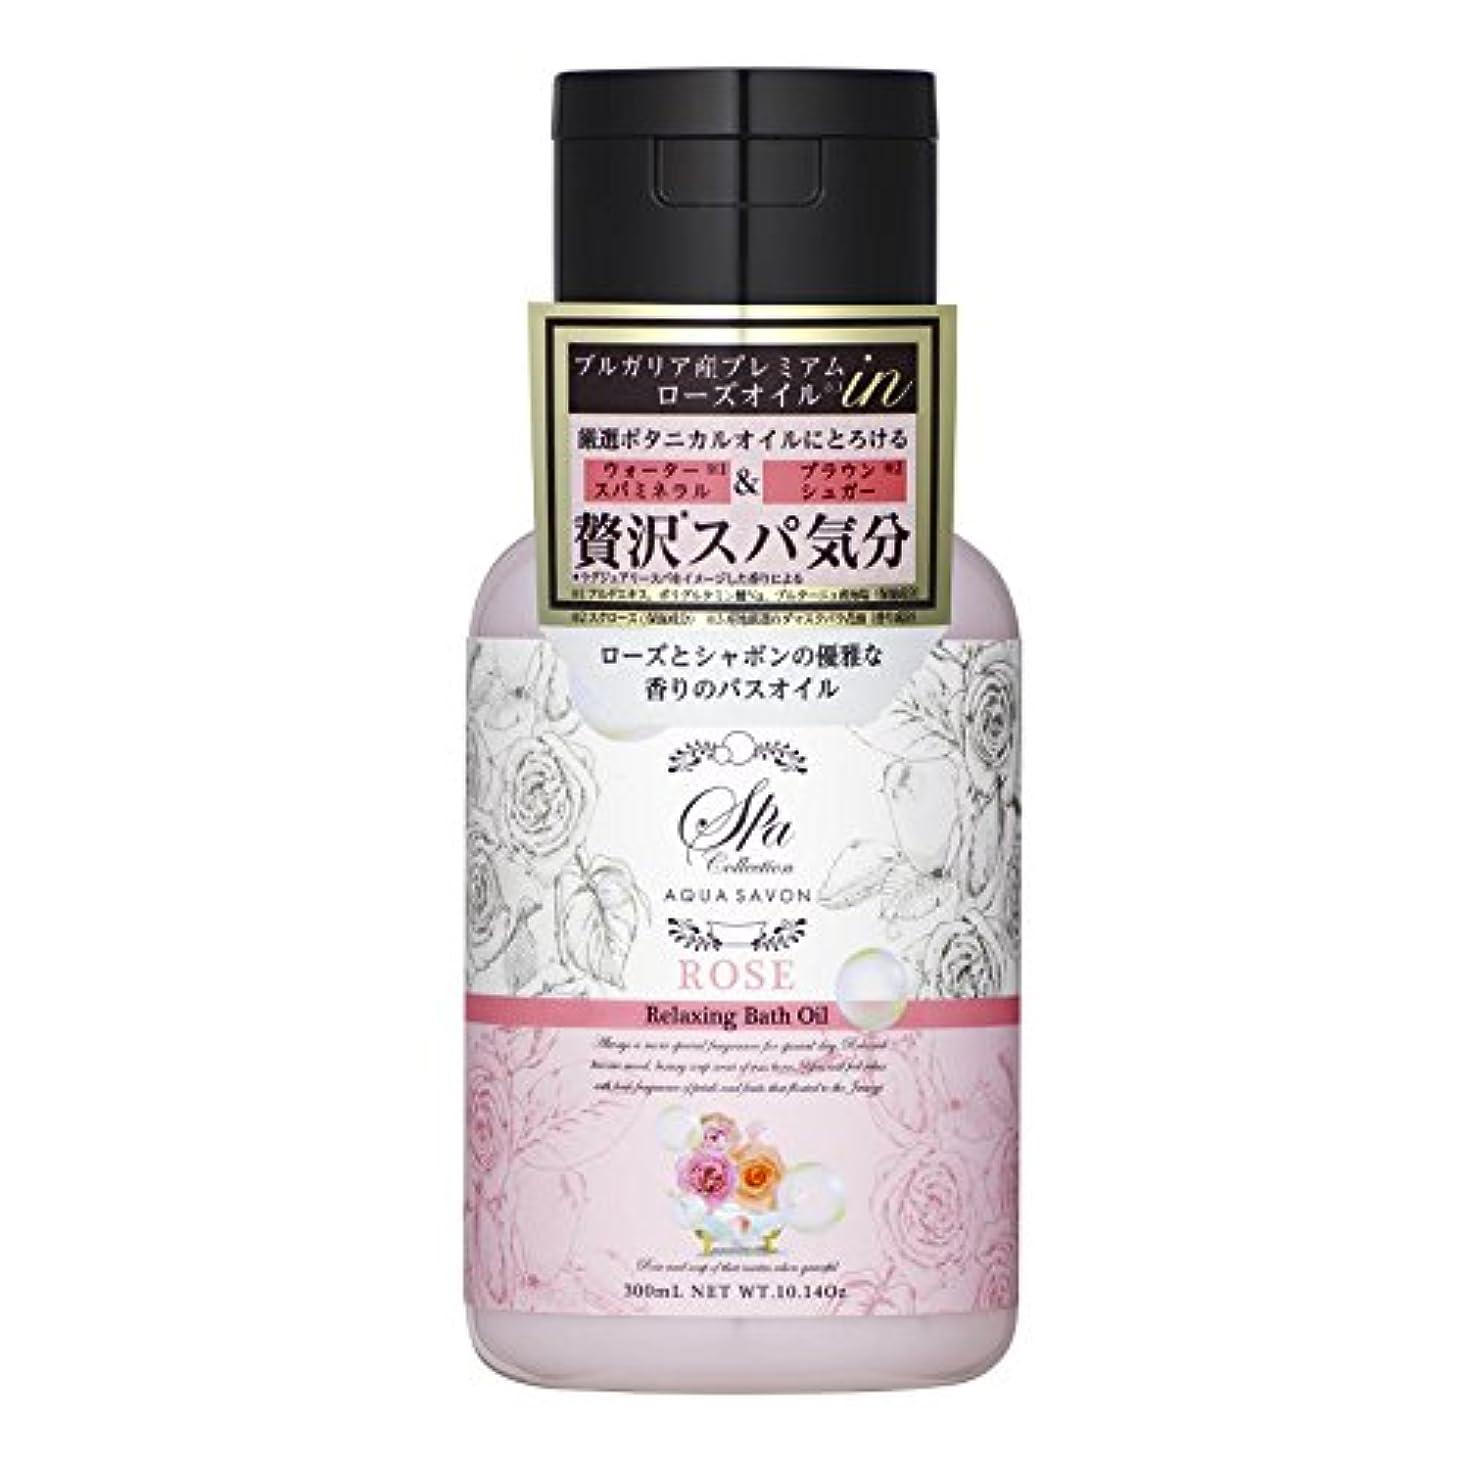 レンジ決めます発表アクアシャボン スパコレクション リラクシングバスオイル ローズスパの香り 300mL